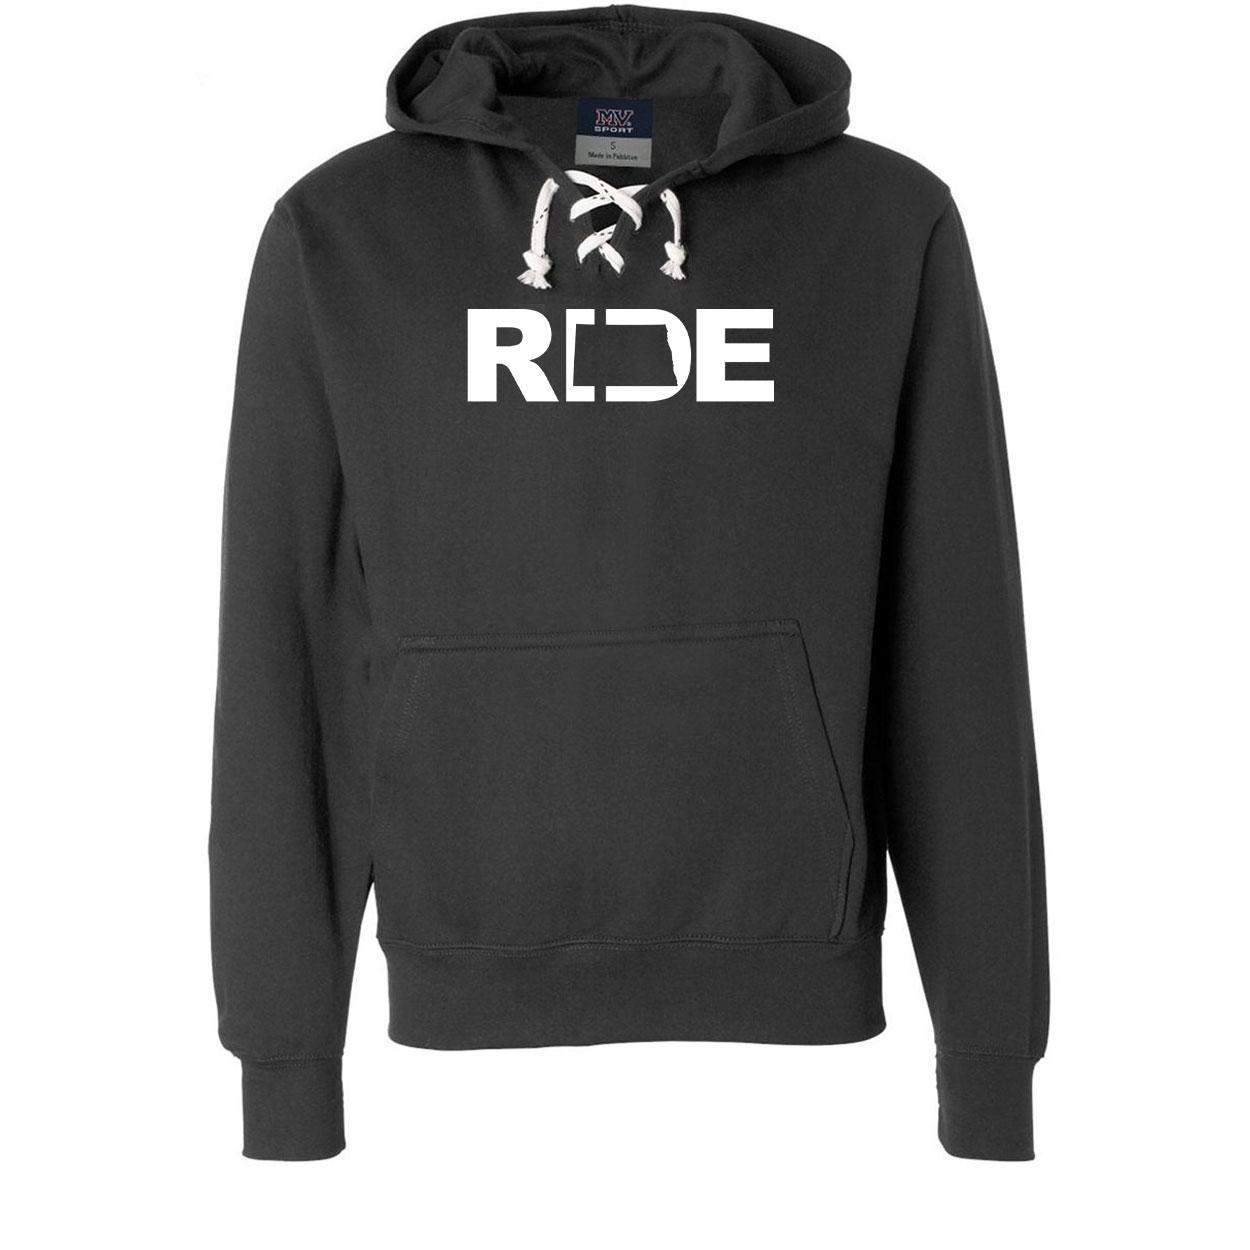 Ride North Dakota Classic Unisex Premium Hockey Sweatshirt Black (White Logo)